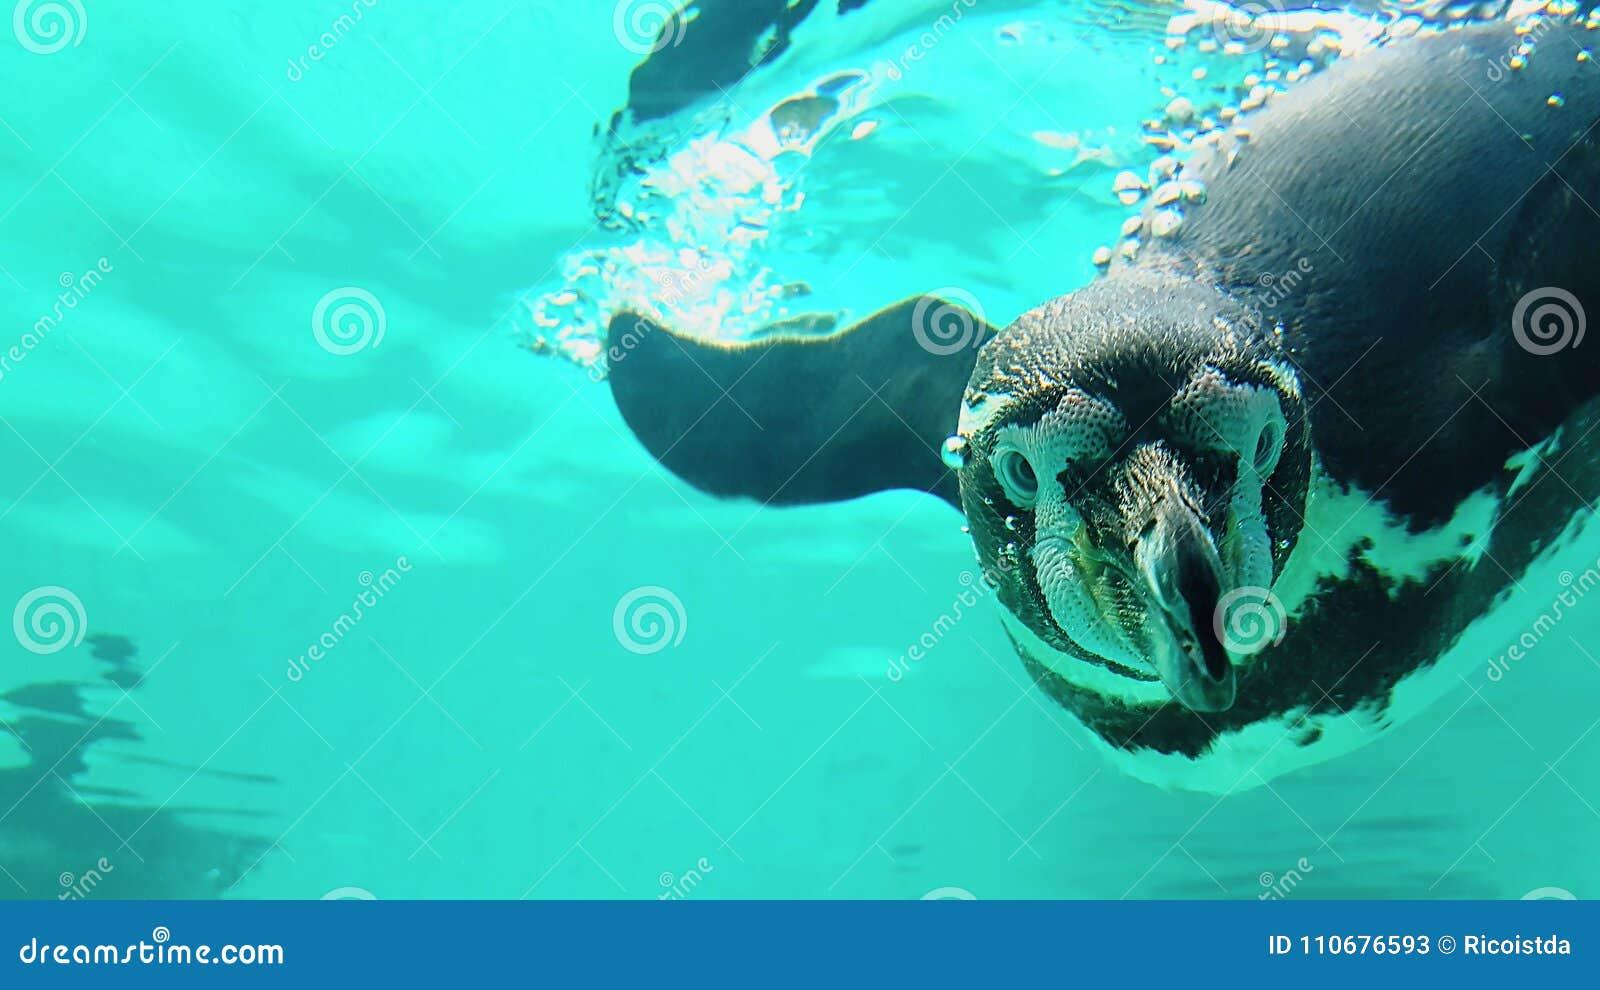 企鹅在野生动物园潜水